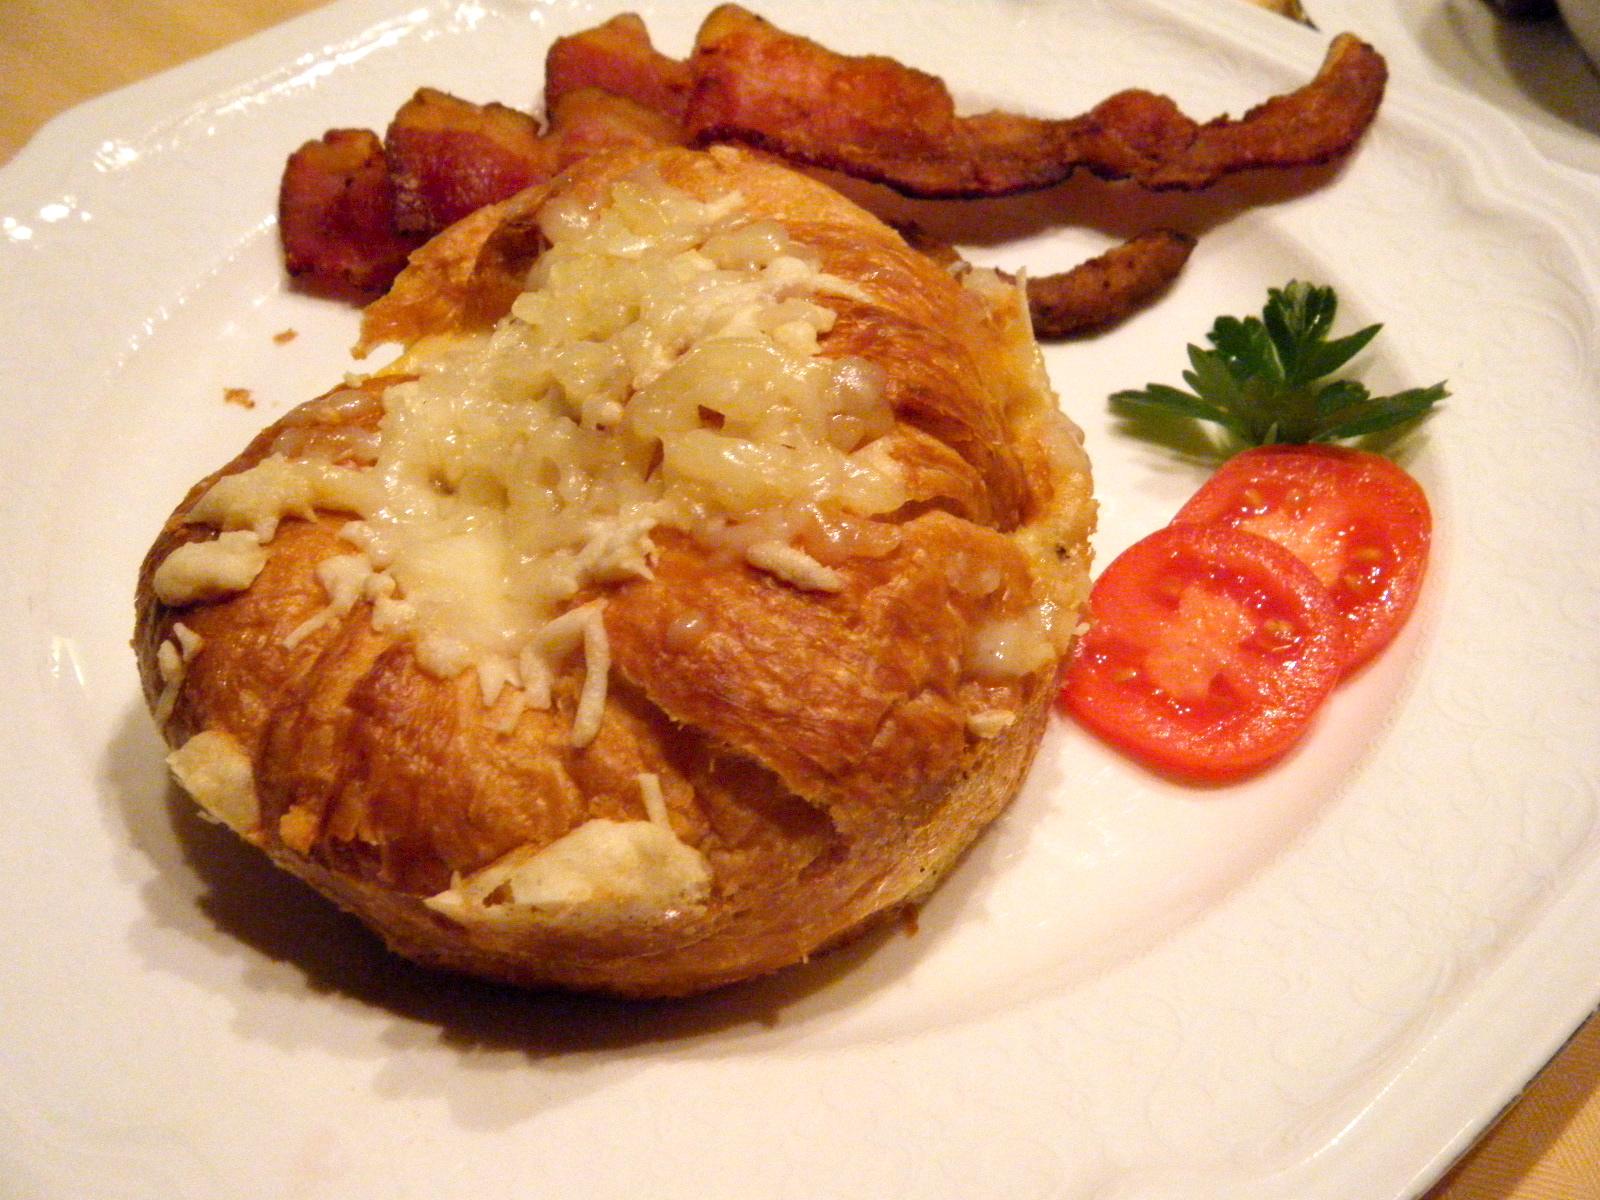 DSCF2386 - Croissant Omelette Recipe